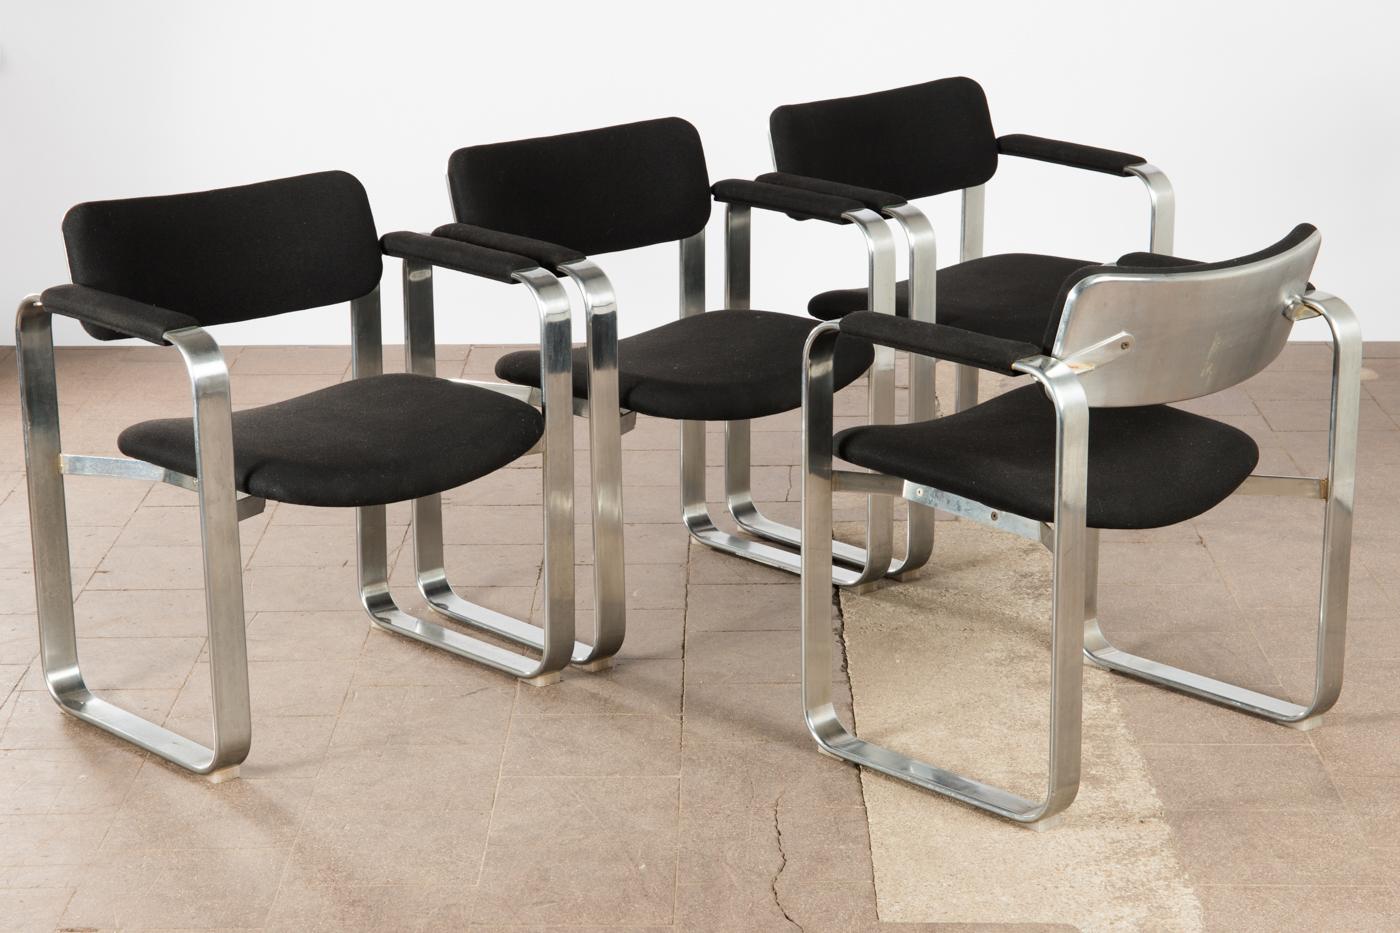 Stühle Auktionstipset AarnioMobel Stühle ItaliaVier ItaliaVier Eero AarnioMobel Auktionstipset Auktionstipset AarnioMobel Eero Eero vnO8wNPym0